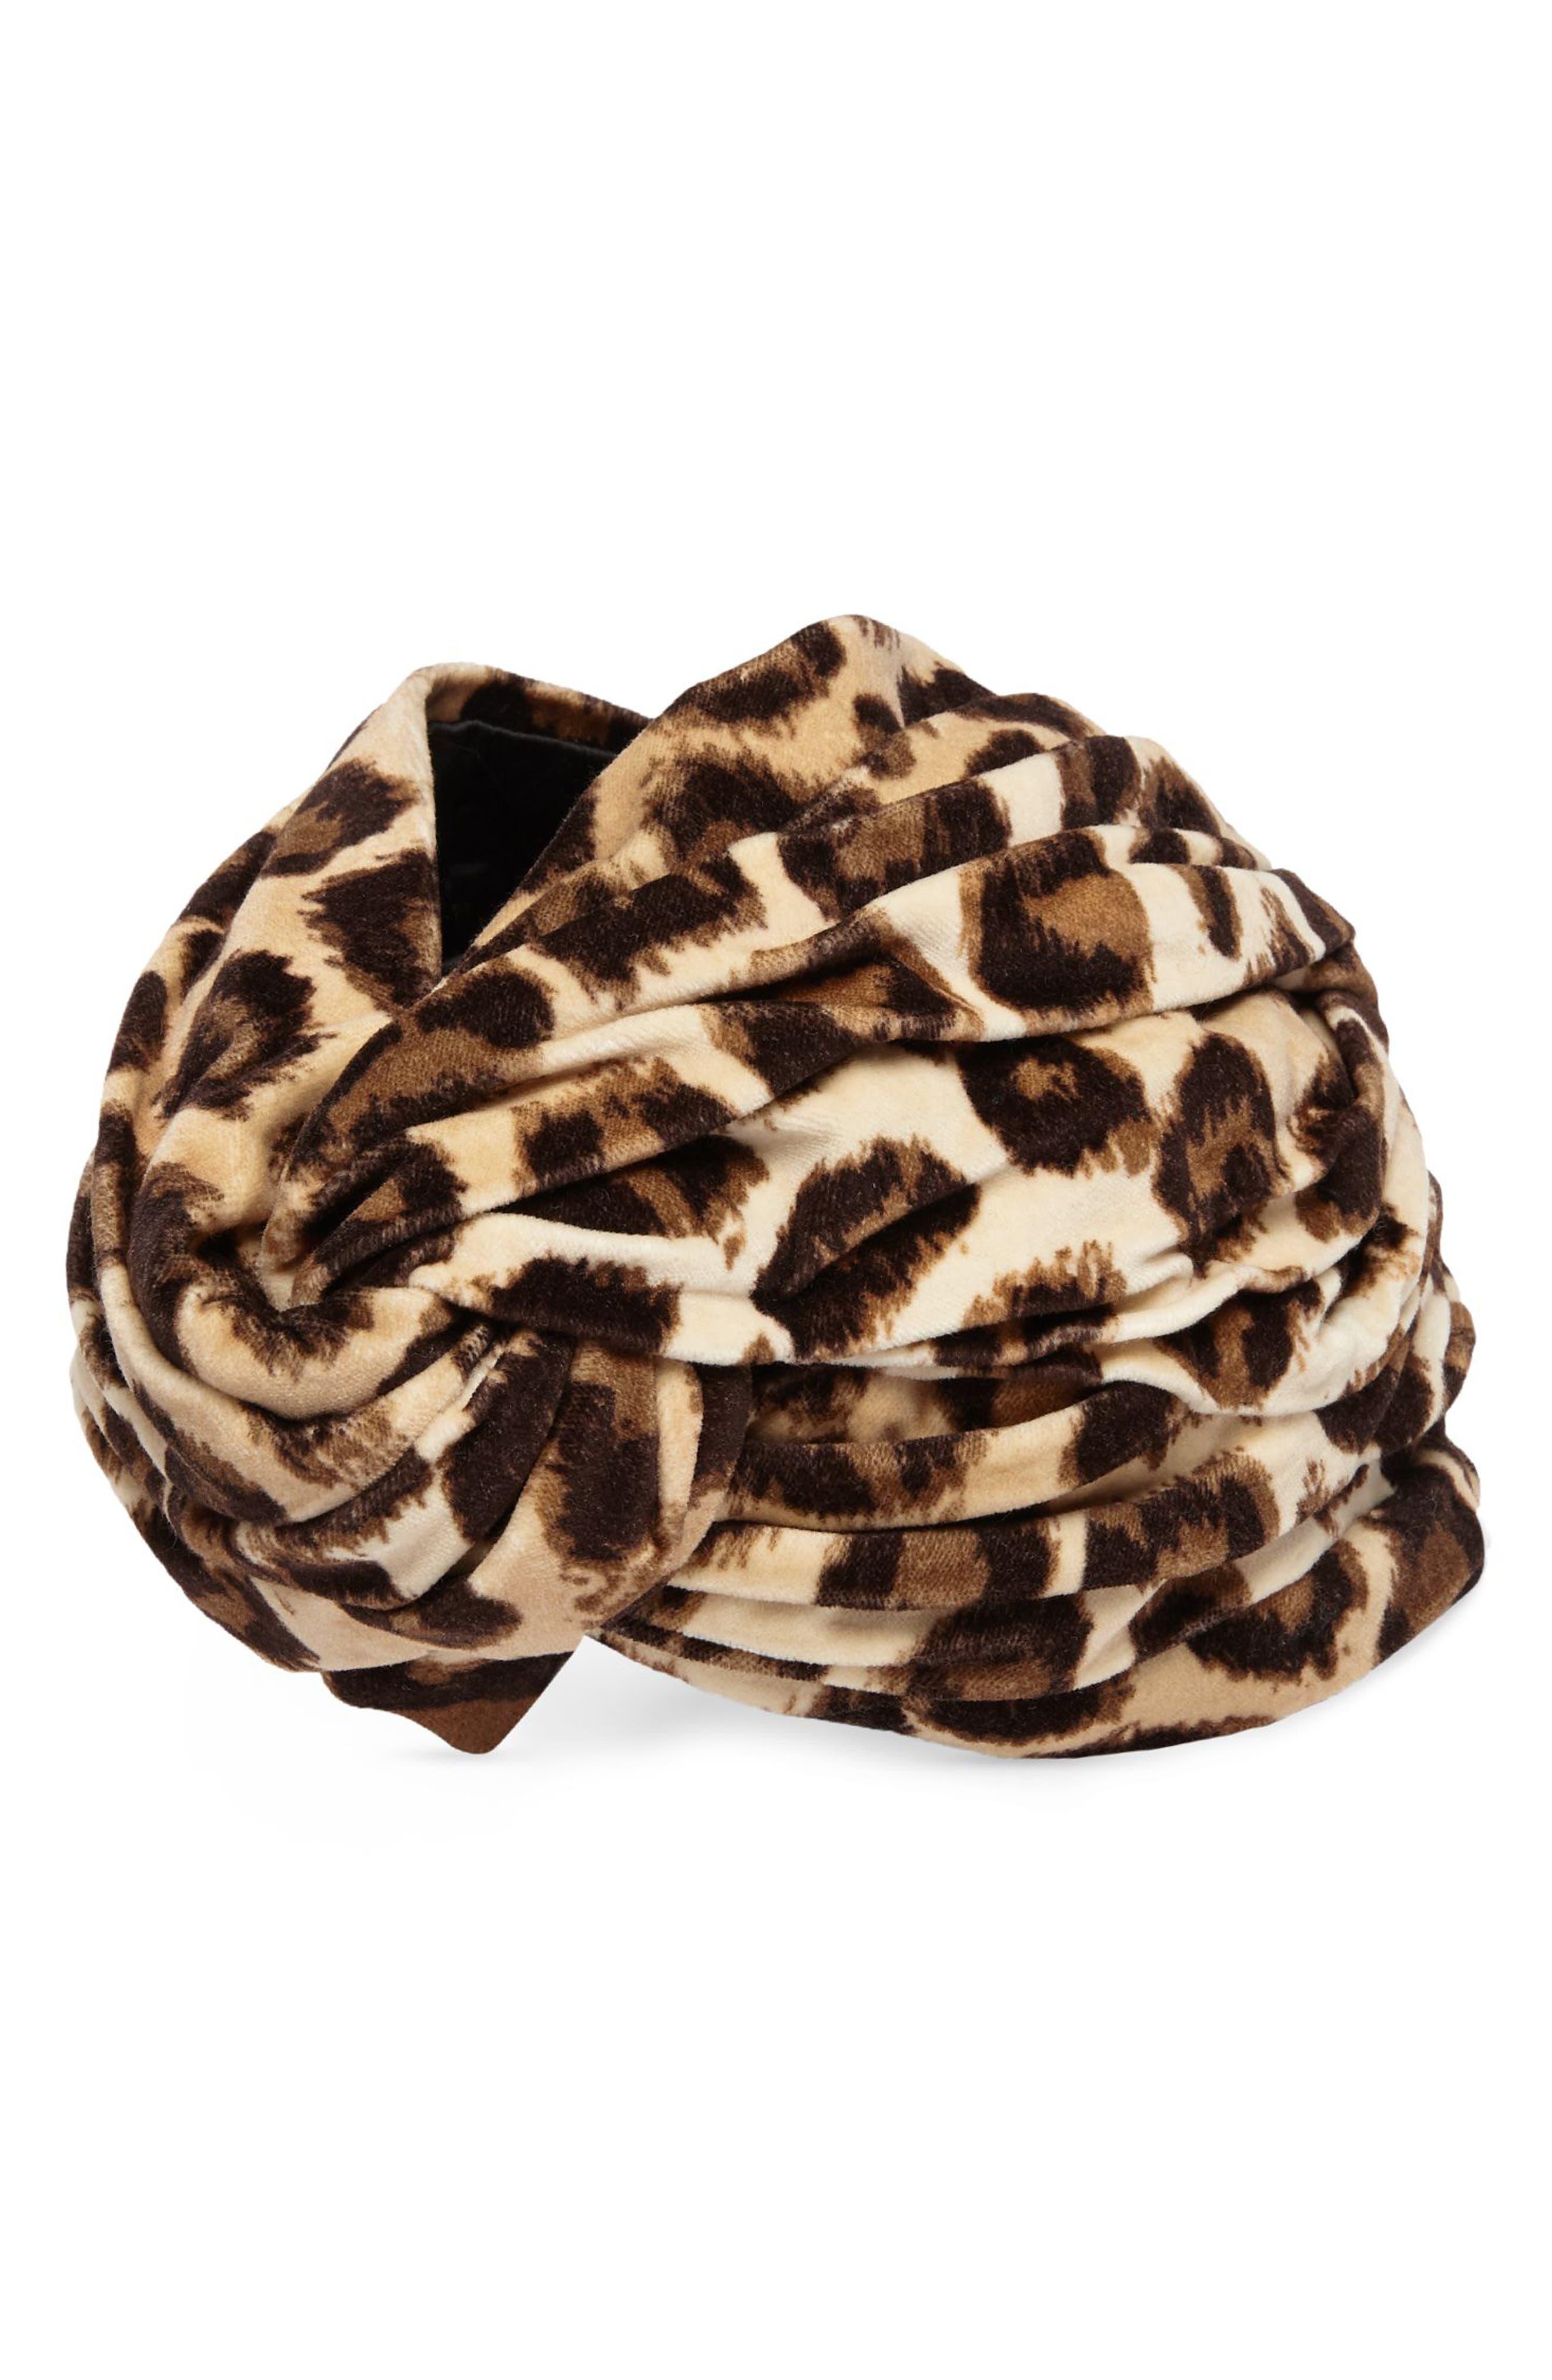 Lucileo Leopard Velvet Turban Headband,                             Alternate thumbnail 2, color,                             287